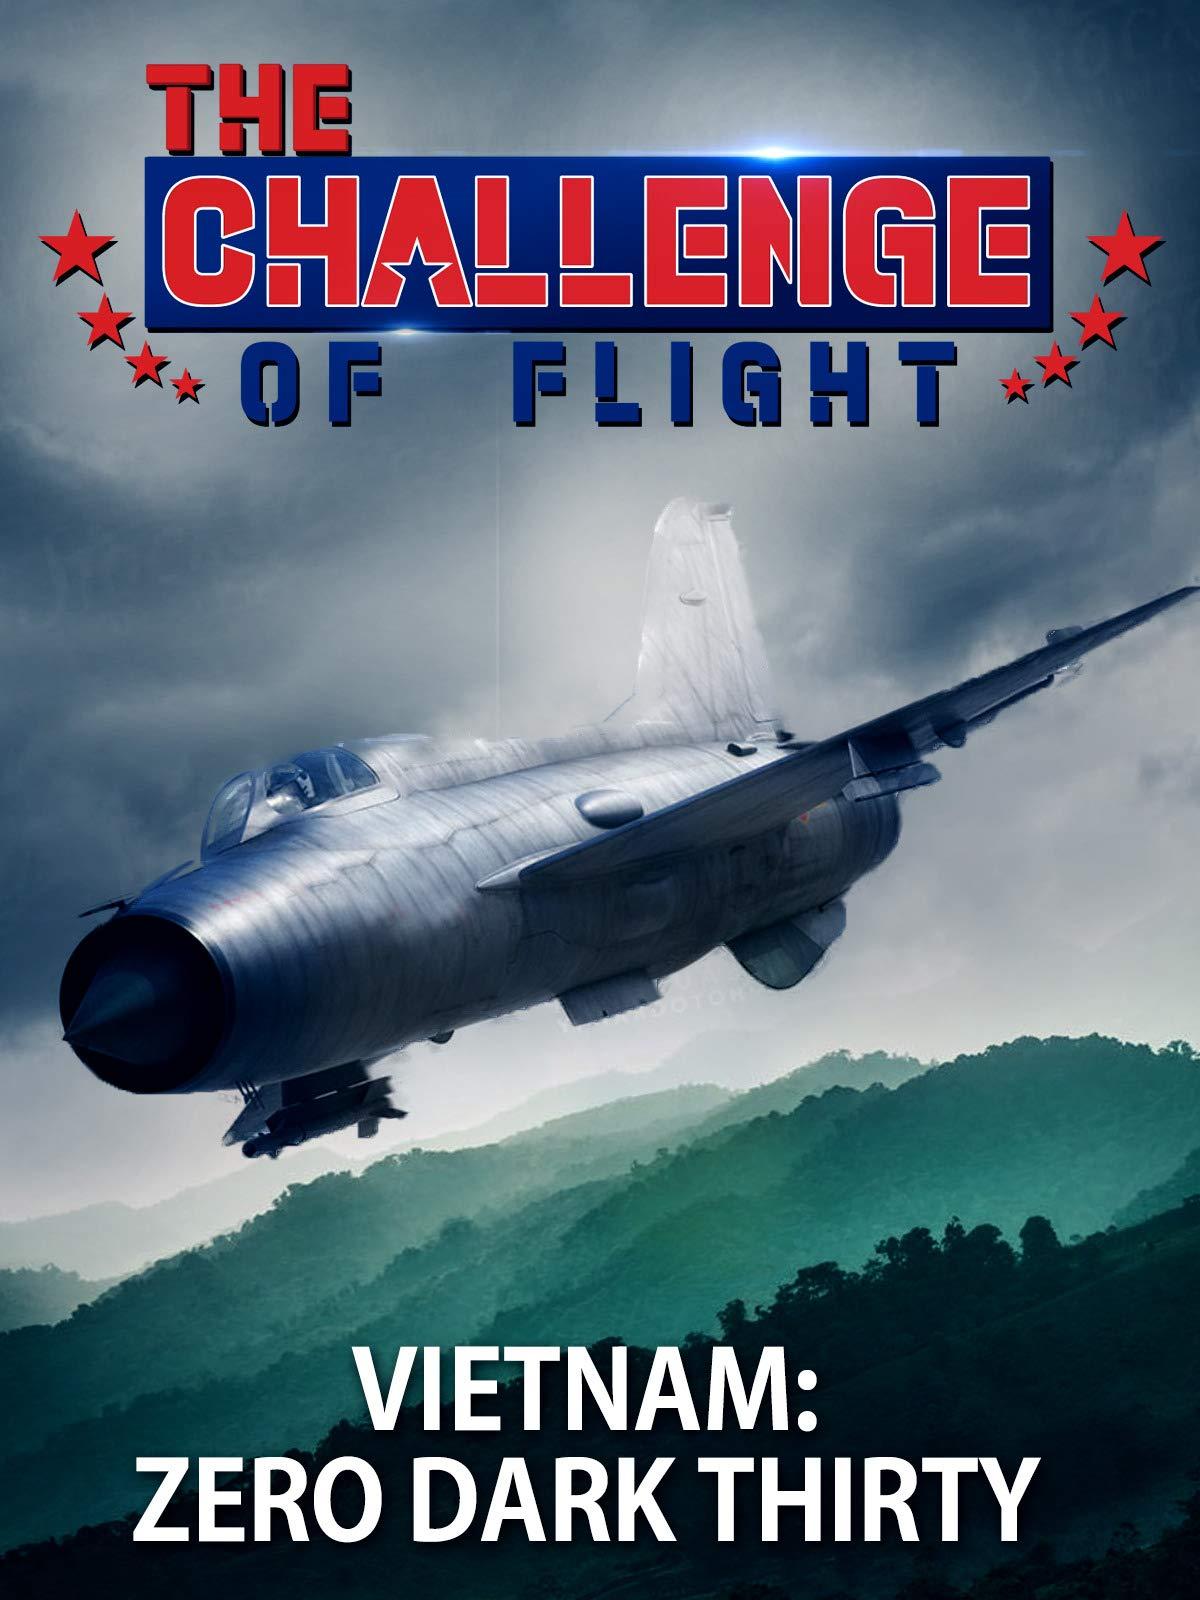 The Challenge of Flight - Vietnam: Zero Dark Thirty